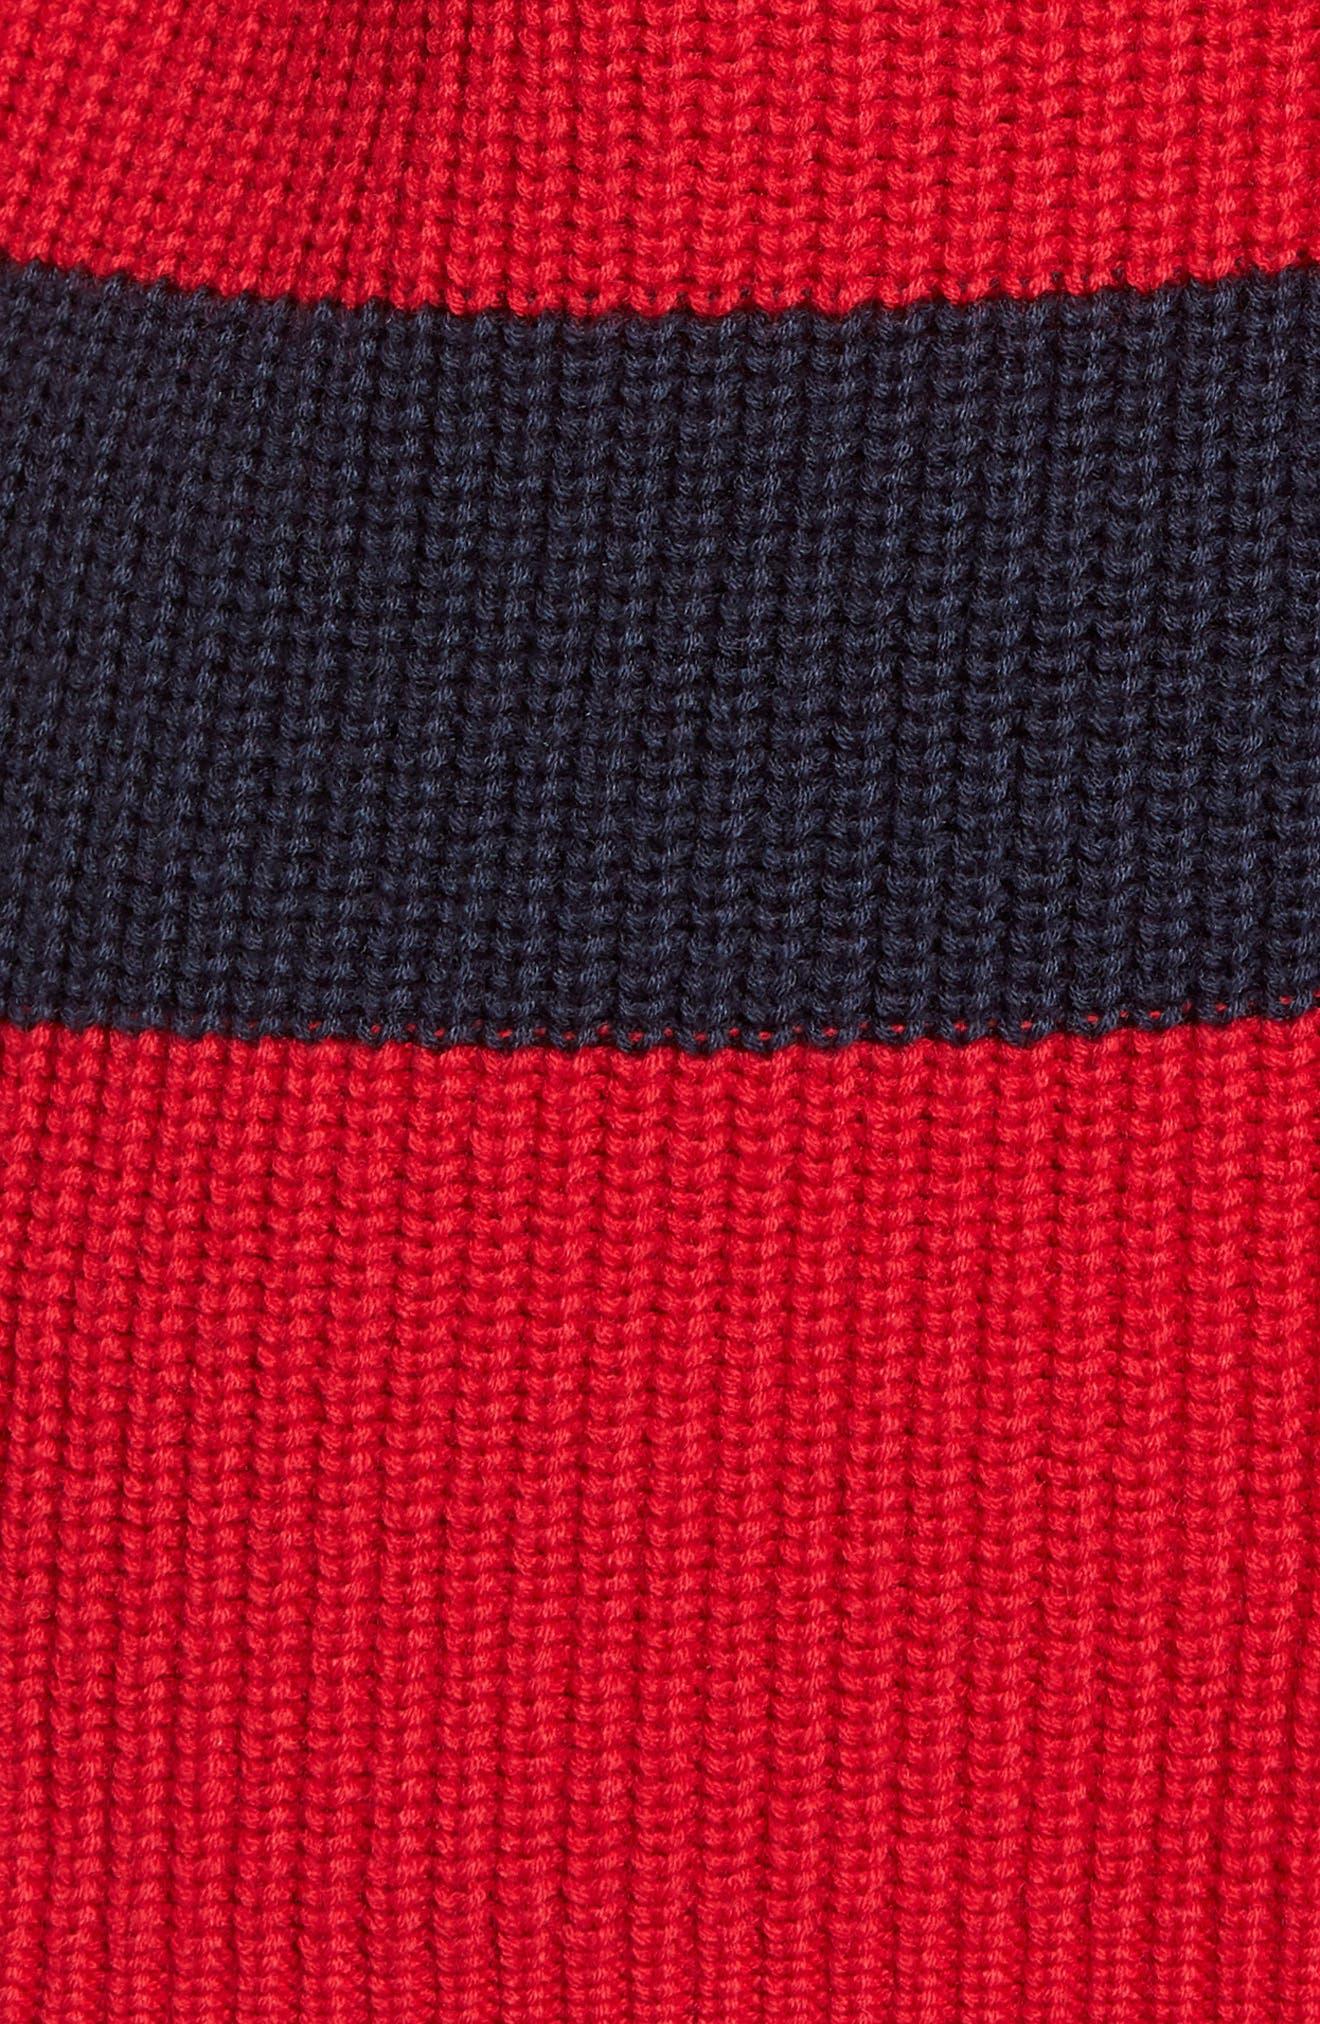 Shaker Knit Cardigan,                             Alternate thumbnail 30, color,